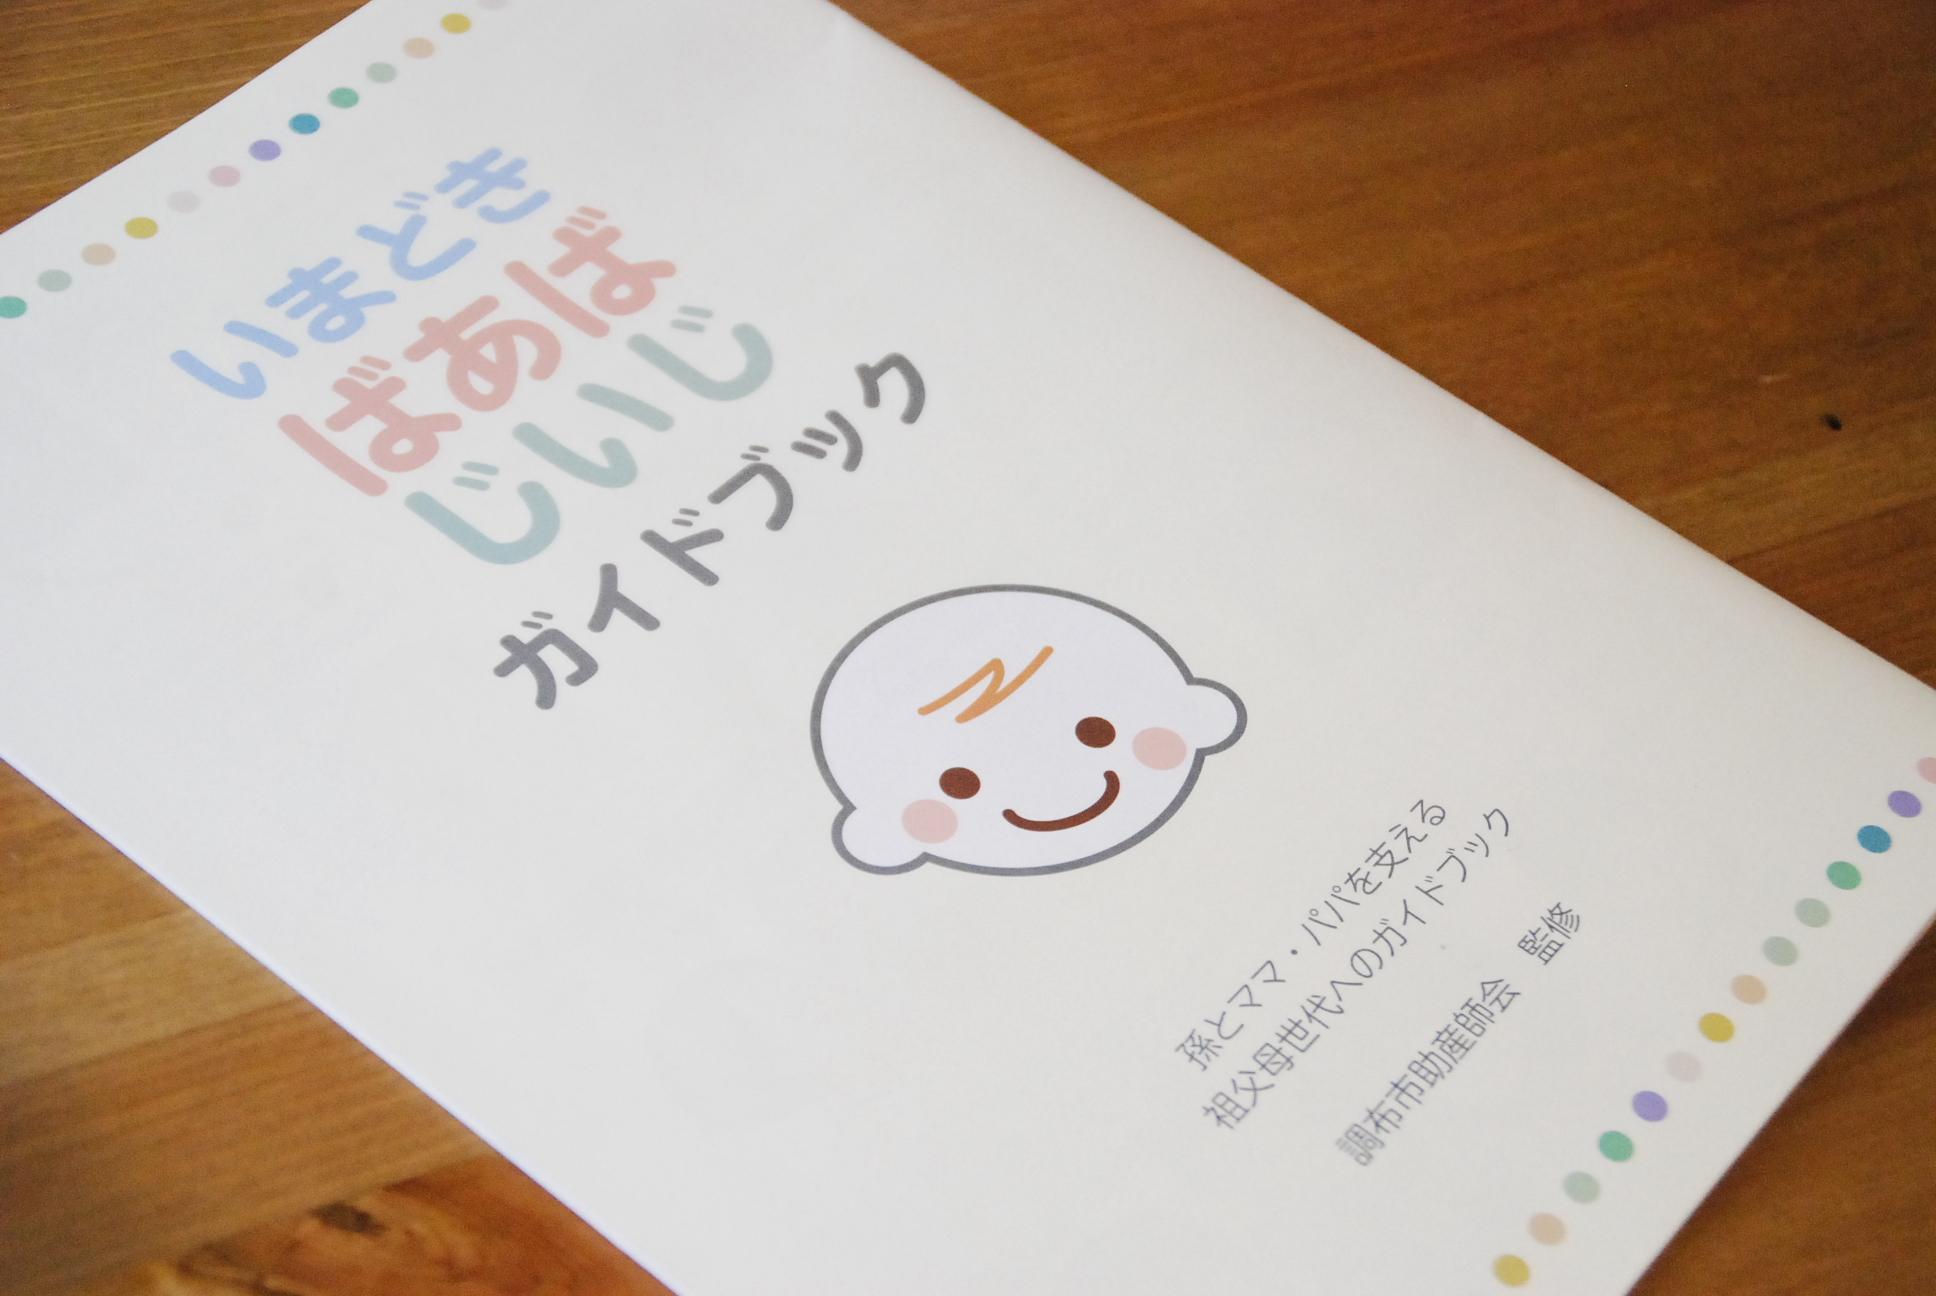 いまどきばあばじいじ ガイドブック刊行!